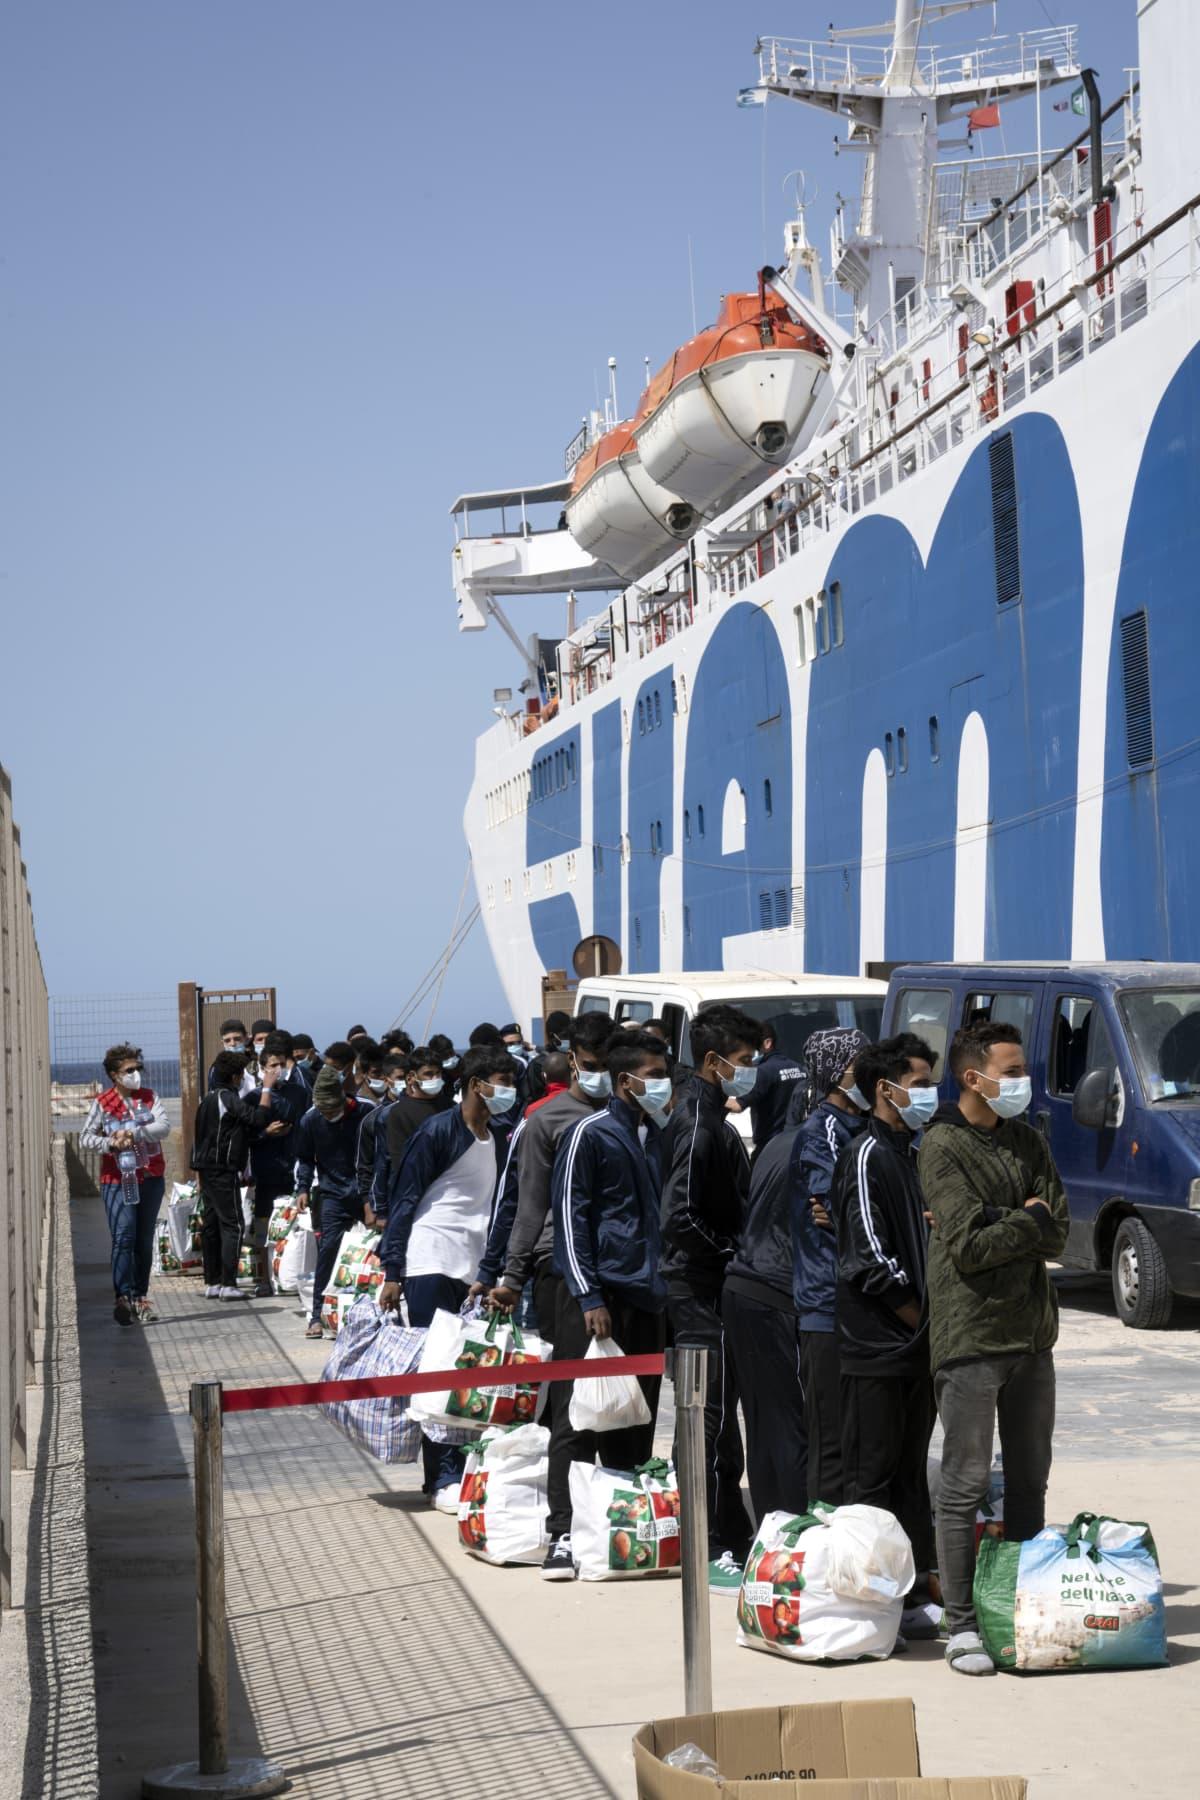 Siirtolaisi jonossa satamassa Lampedusassa.